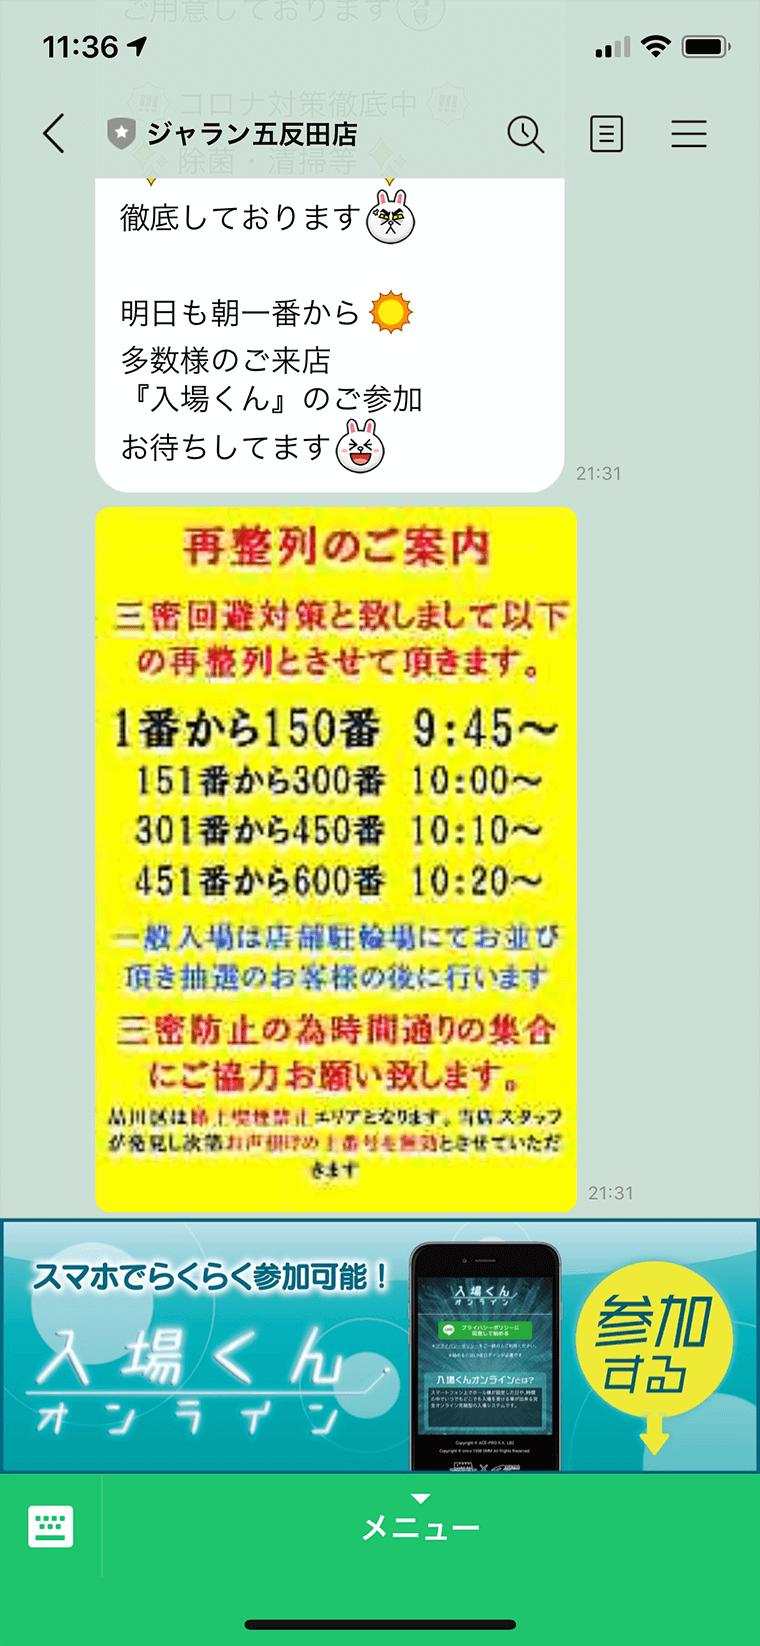 ジャラン五反田